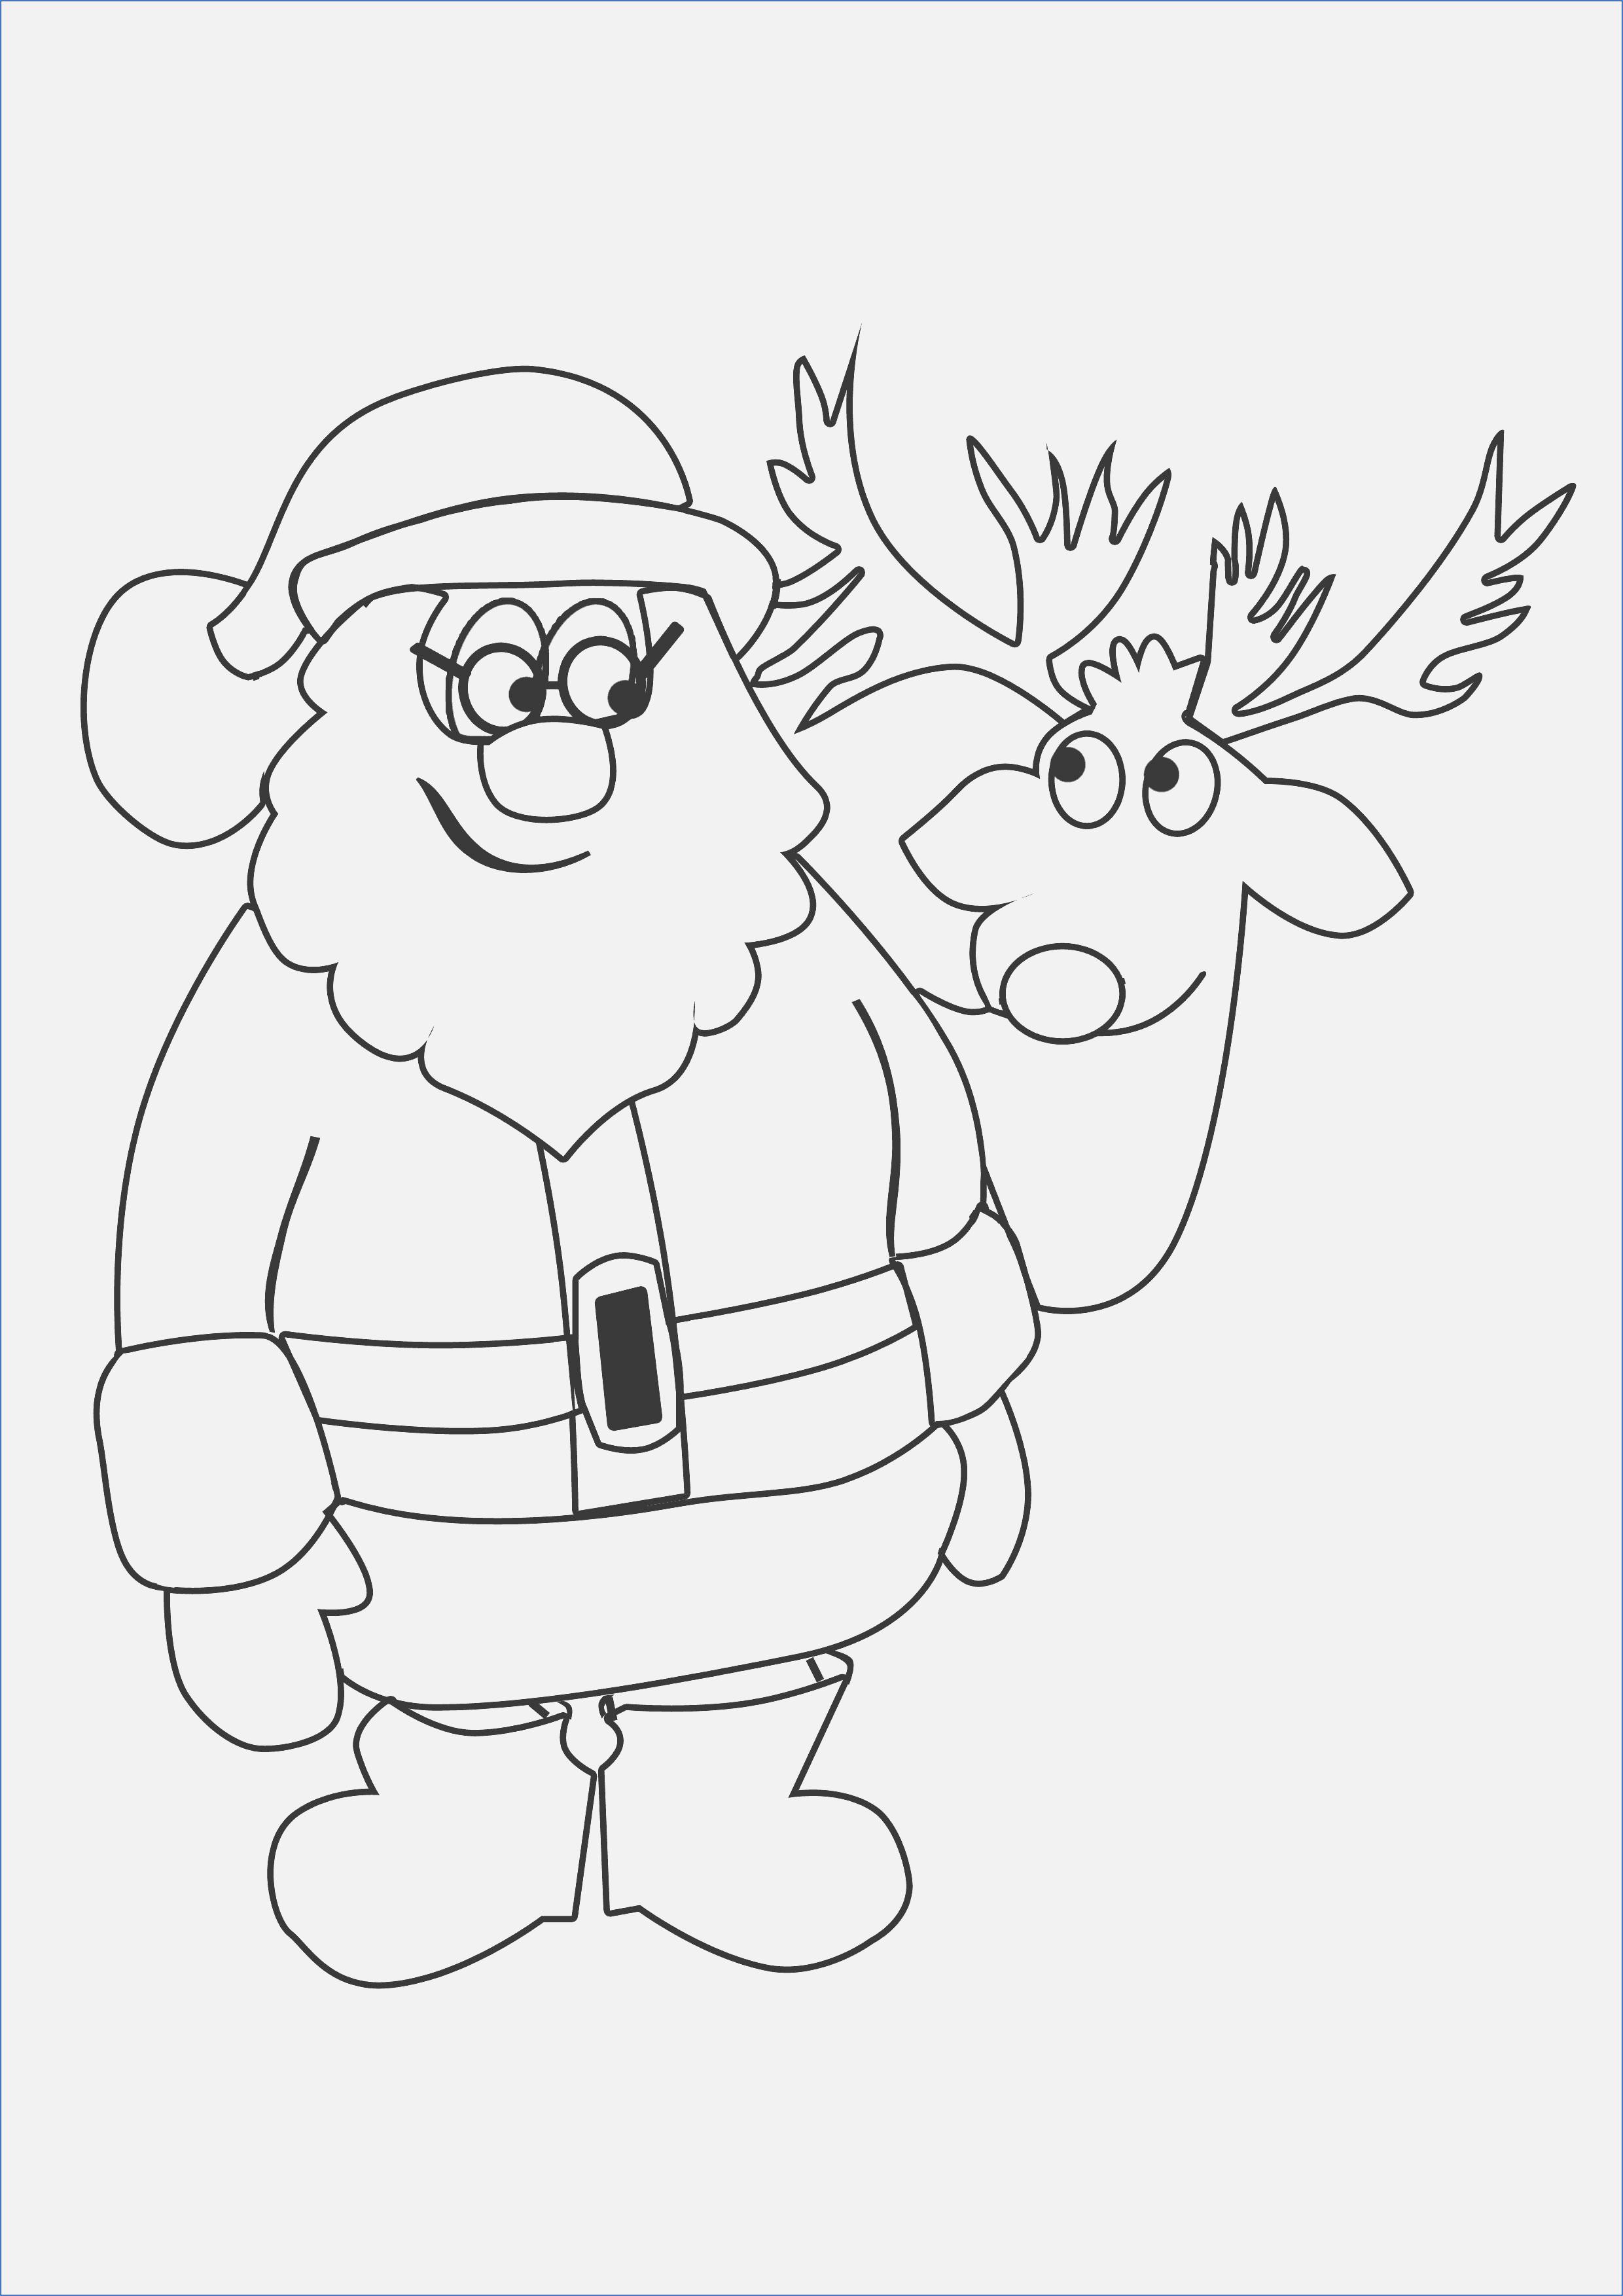 Ausmalbilder Weihnachten Gratis Das Beste Von Window Color Vorlagen Kostenlos Luxus Ausmalbilder Das Bild